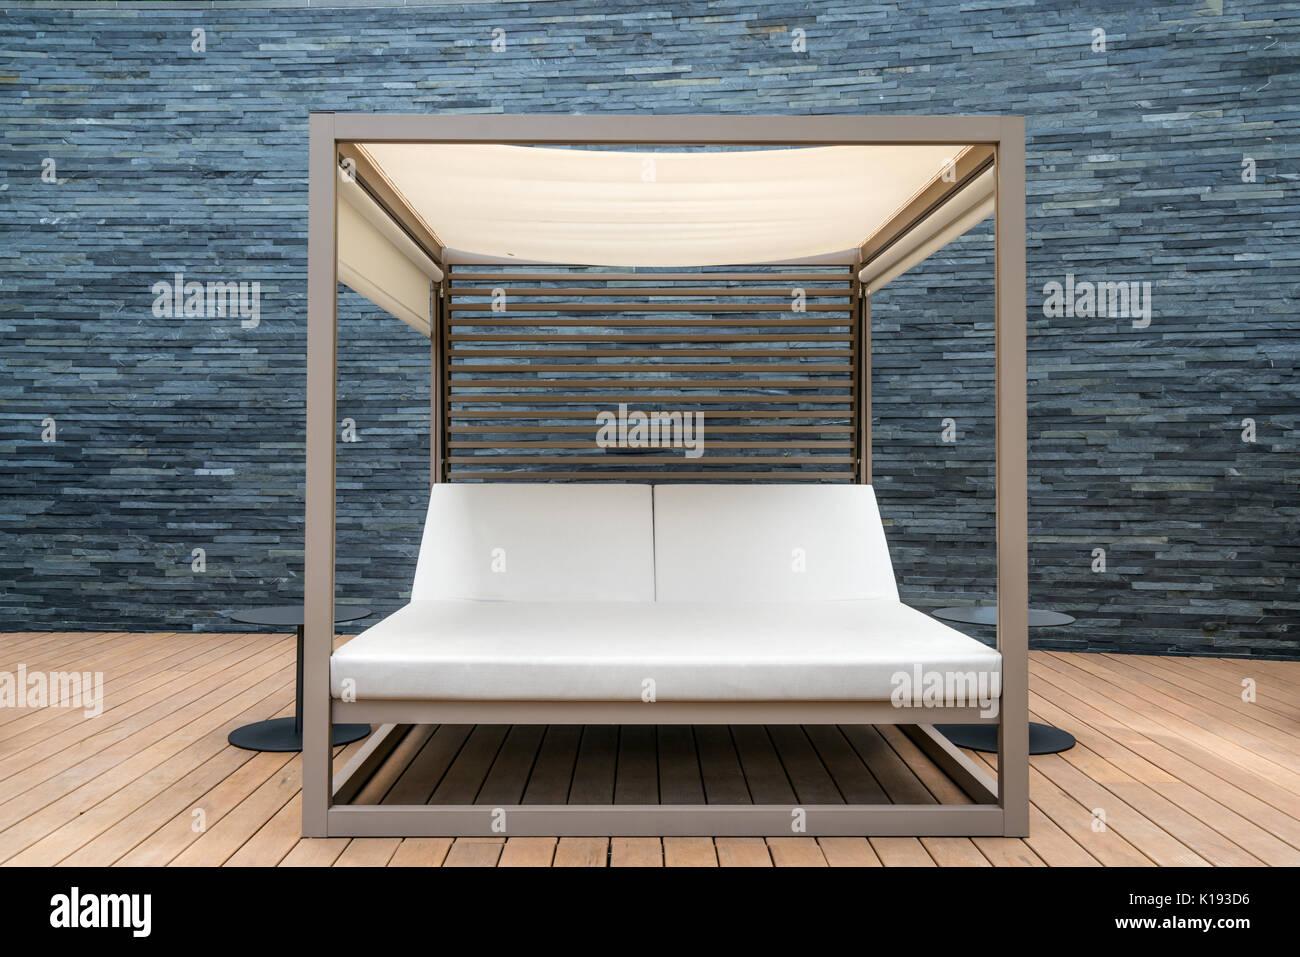 Sedia A Sdraio In Legno : Piscina in legno sedia sdraio presso il resort con nero parete di